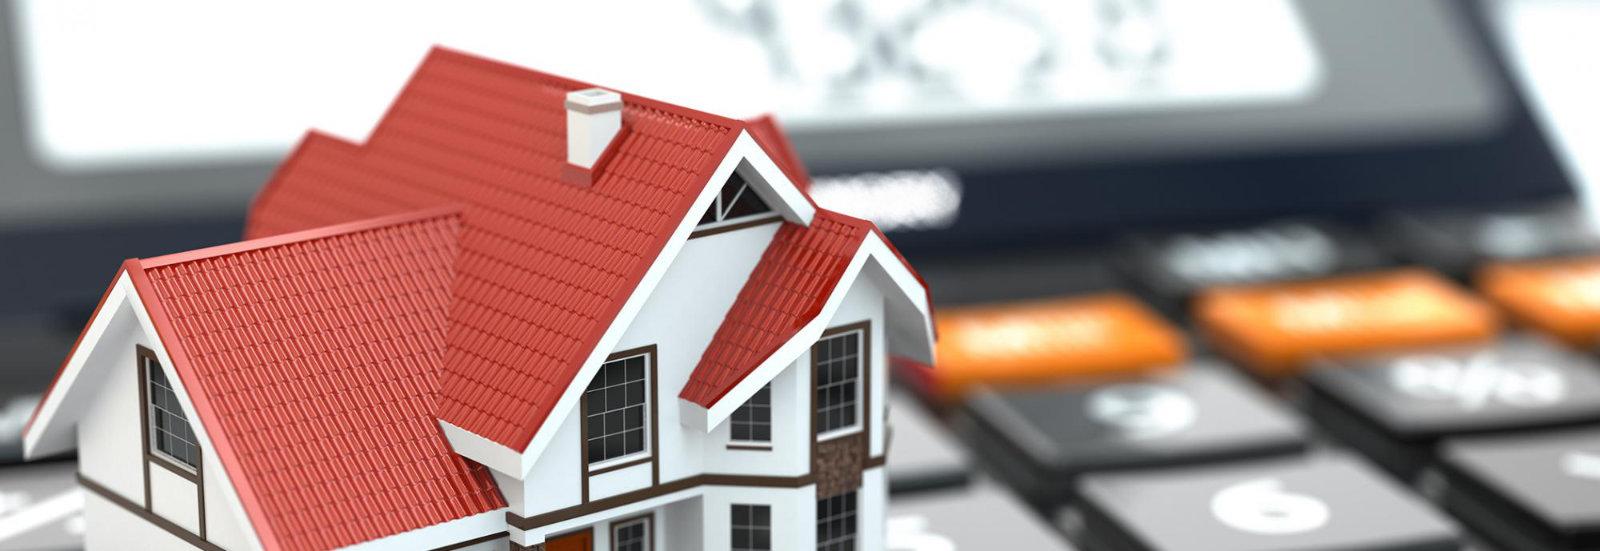 порядок возмещения ущерба при затоплении квартиры